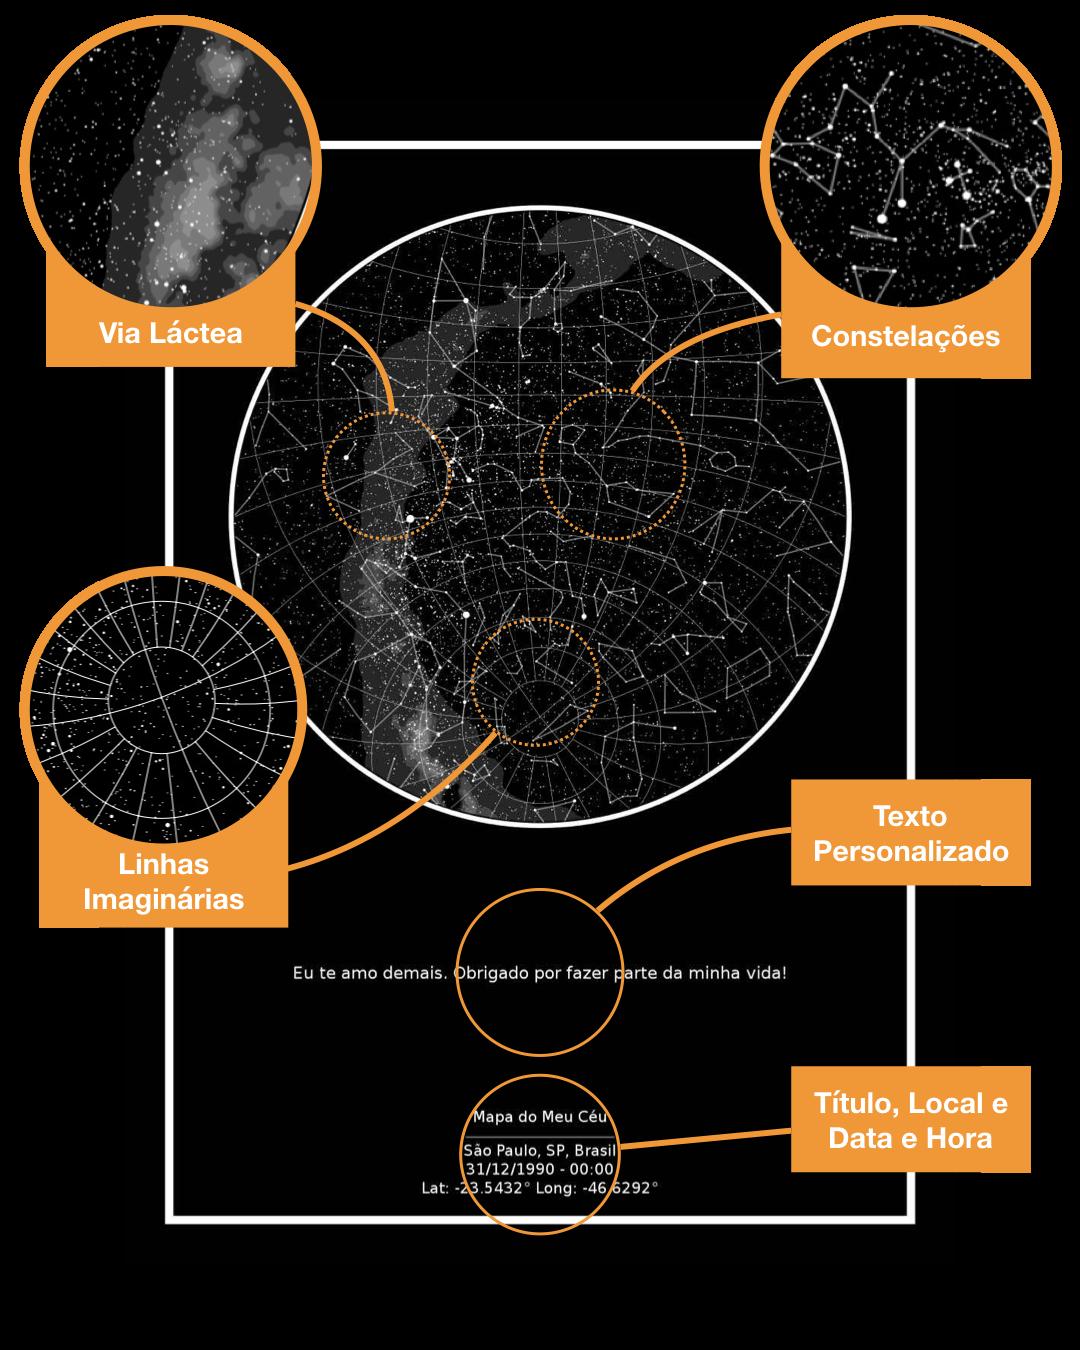 mapa das estrelas evidenciando seus aspectos positivos